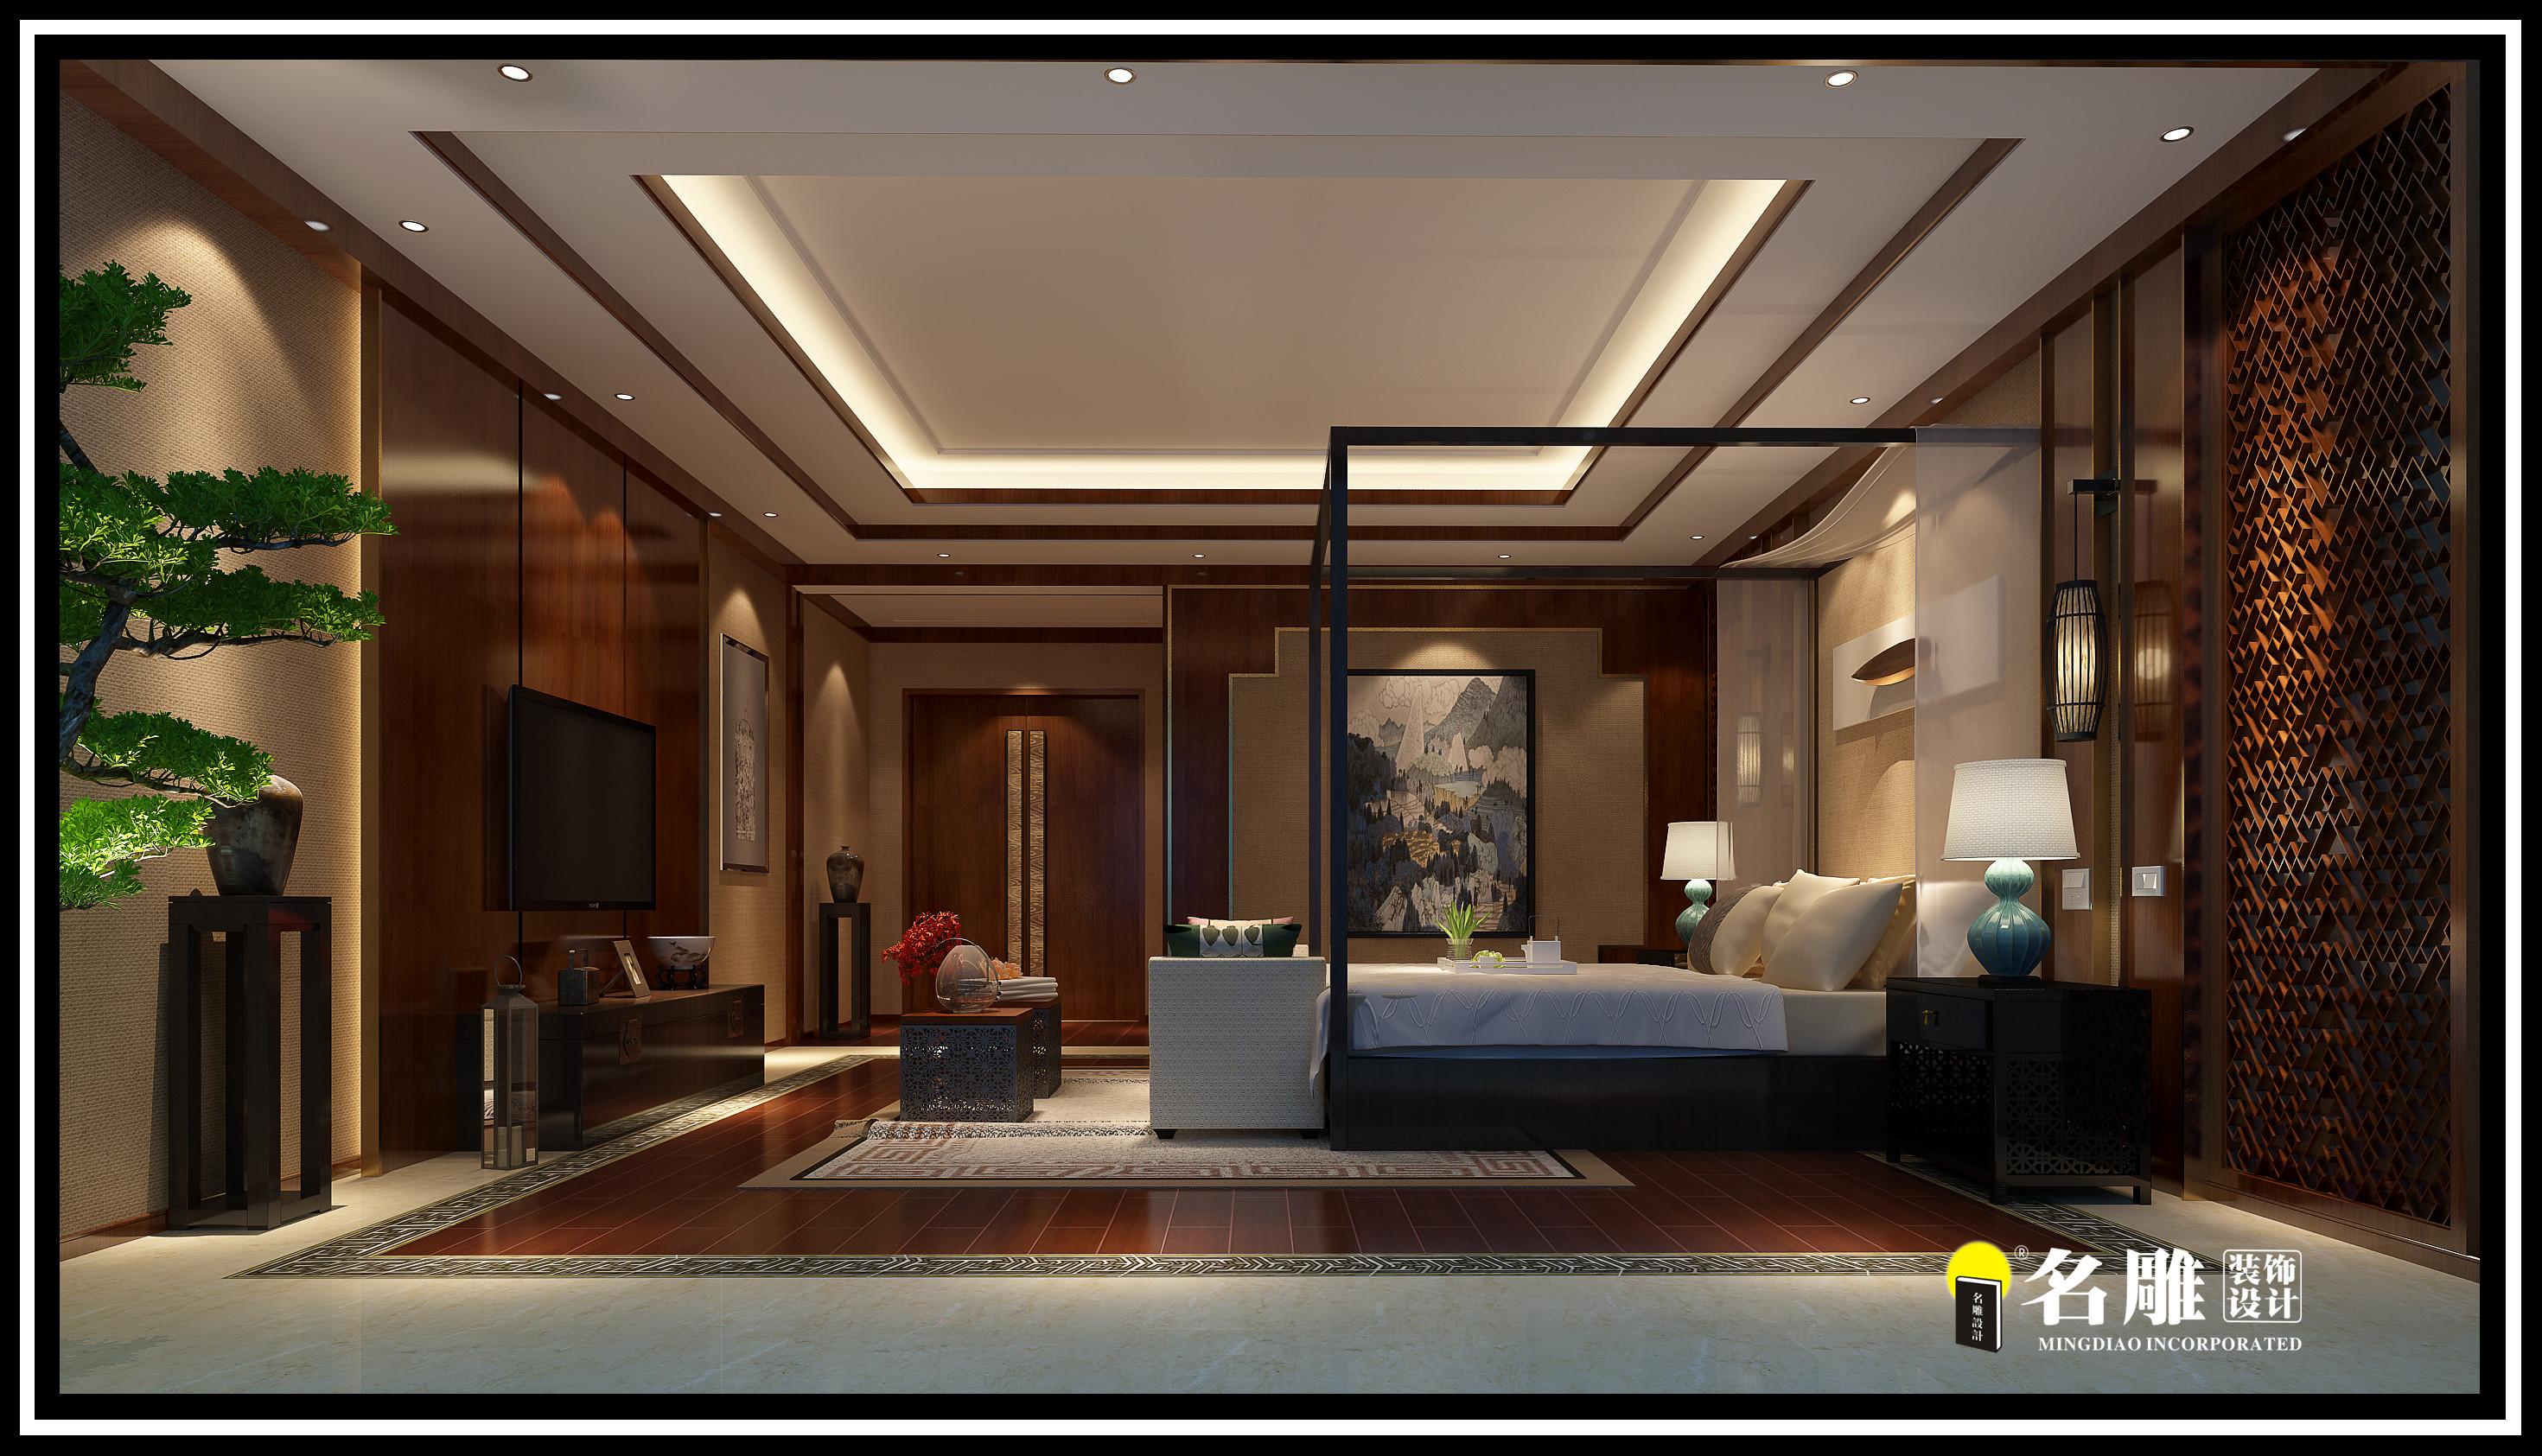 中式 四居室 安宁 祥和感 自然、清新 卧室图片来自名雕装饰长沙分公司在湘江豪庭中式四居室的分享